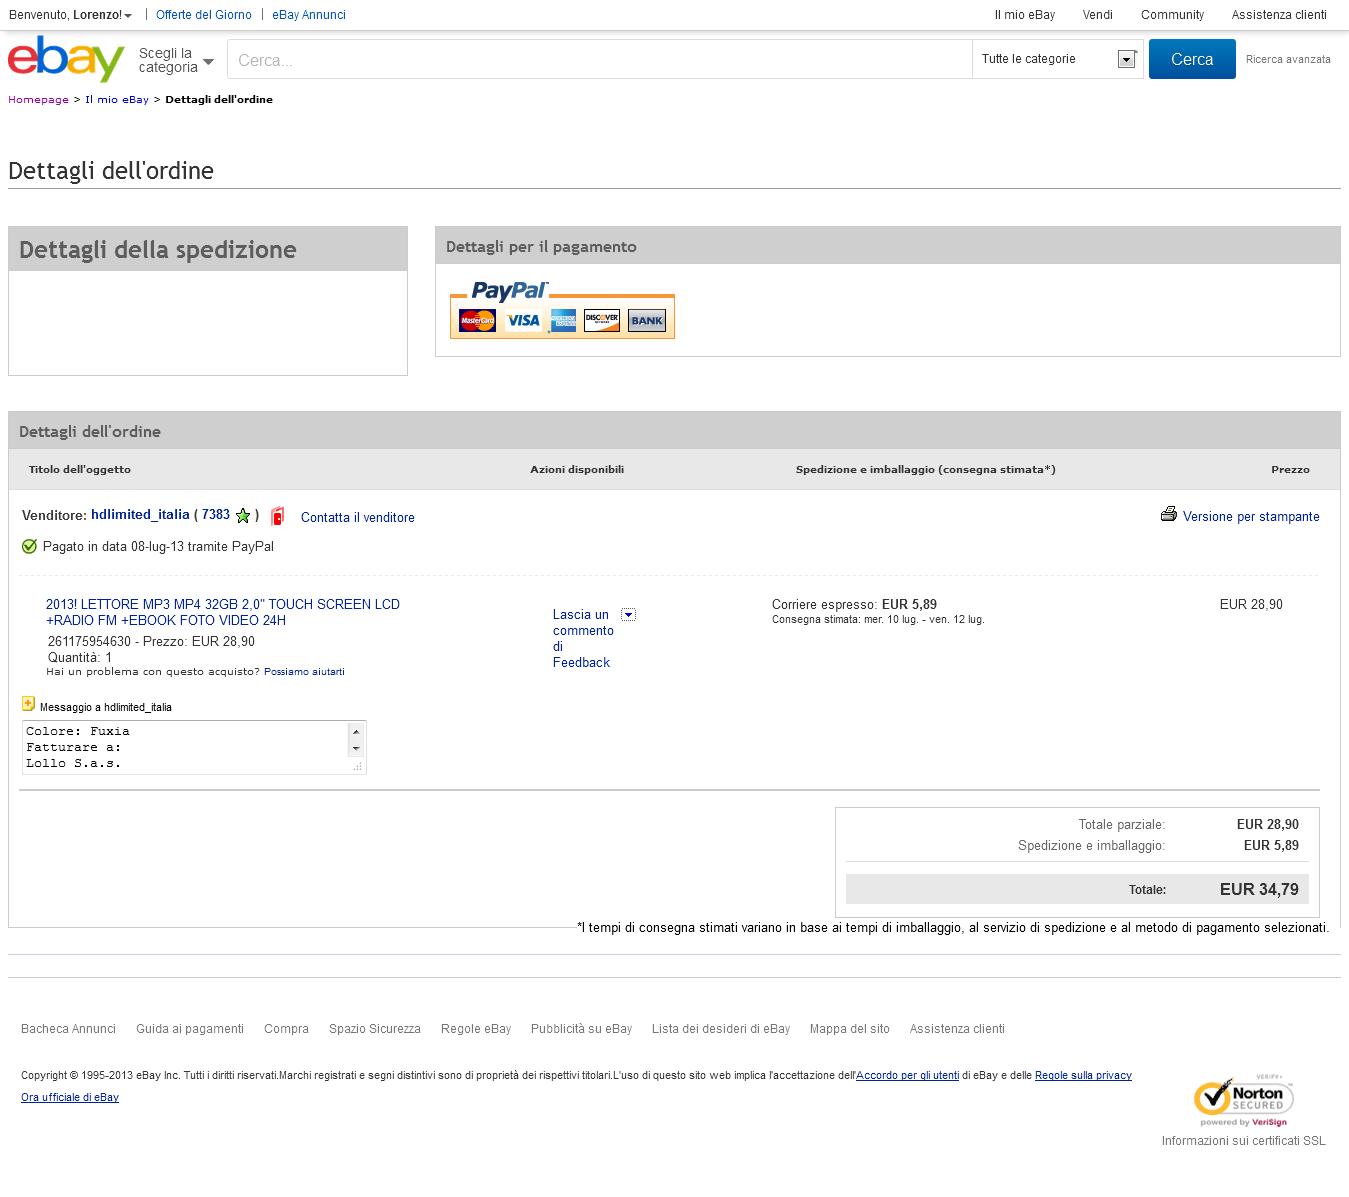 Dettagli dell_ordine eBay_20130708-190154